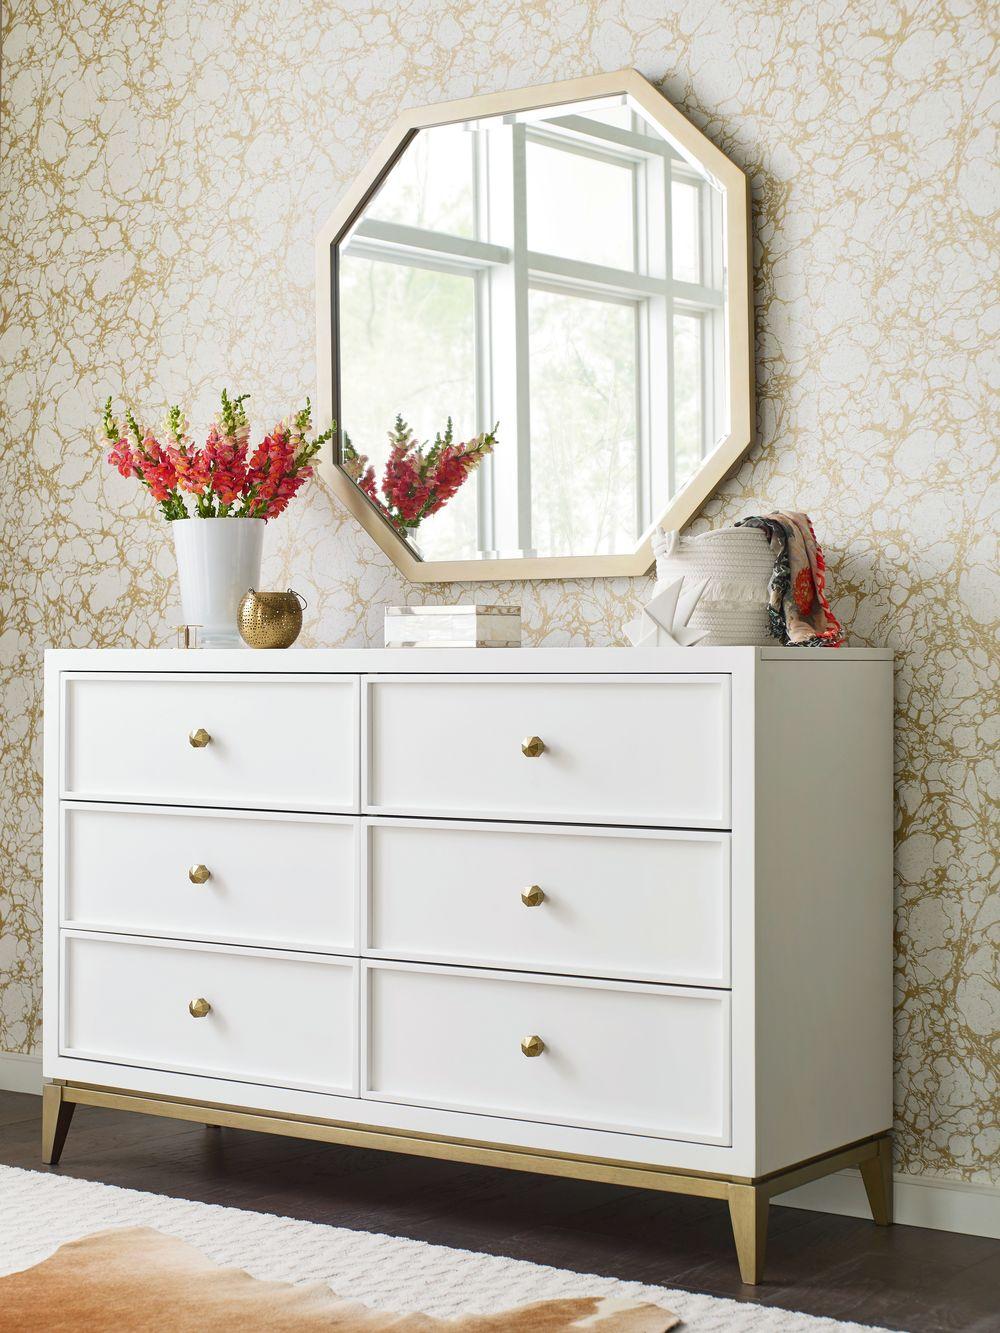 Legacy Classic Furniture - Dresser